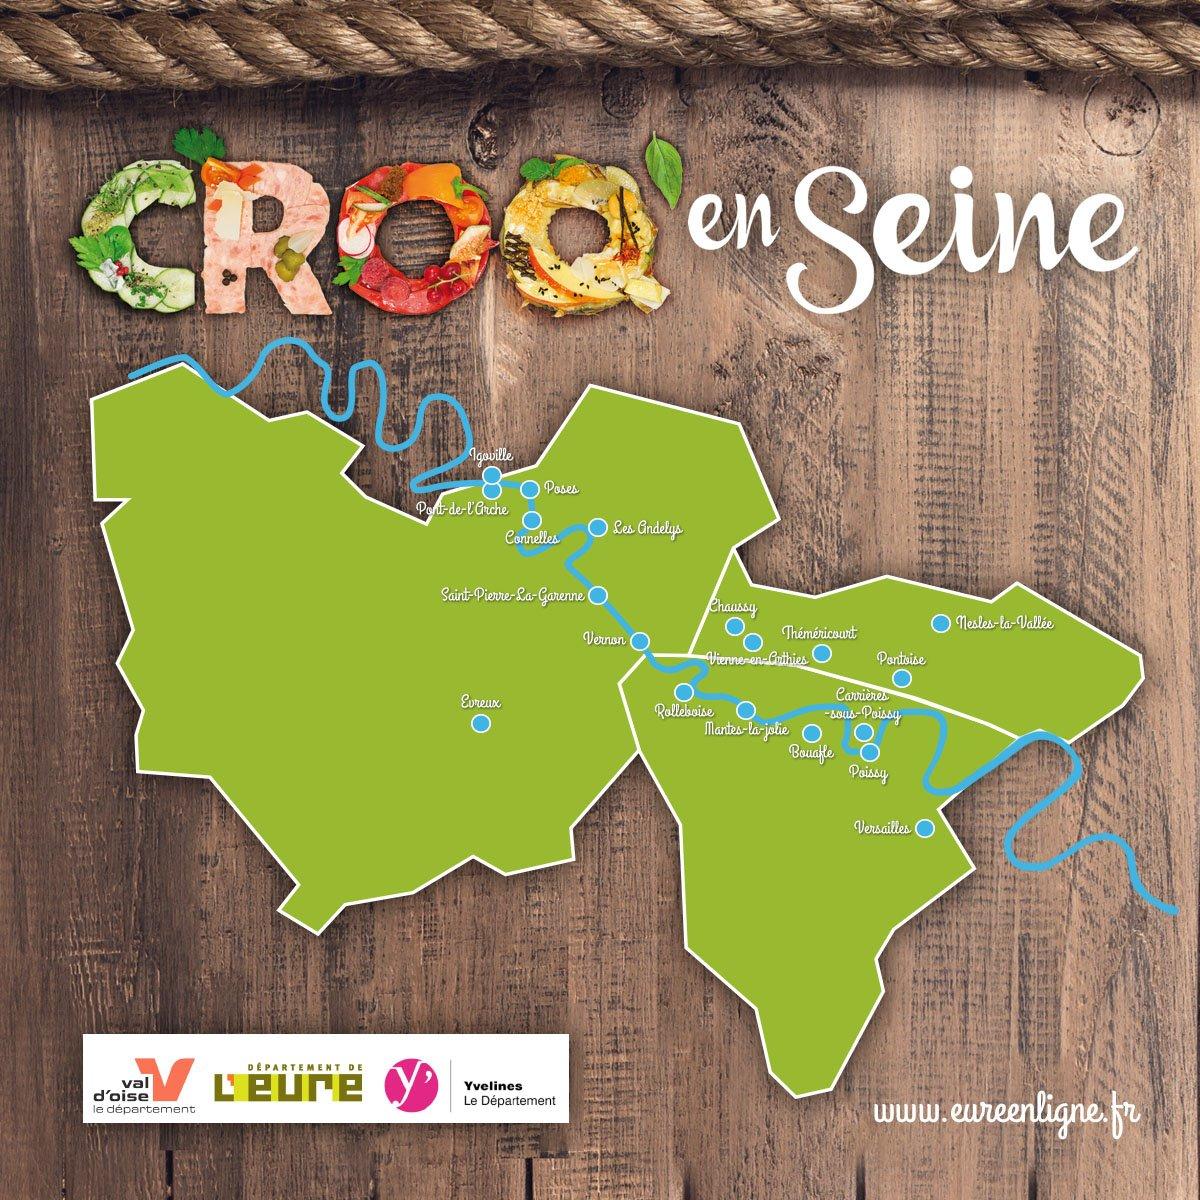 CROQ'EN SEINE : programme des animations 25, 26 et 27/09